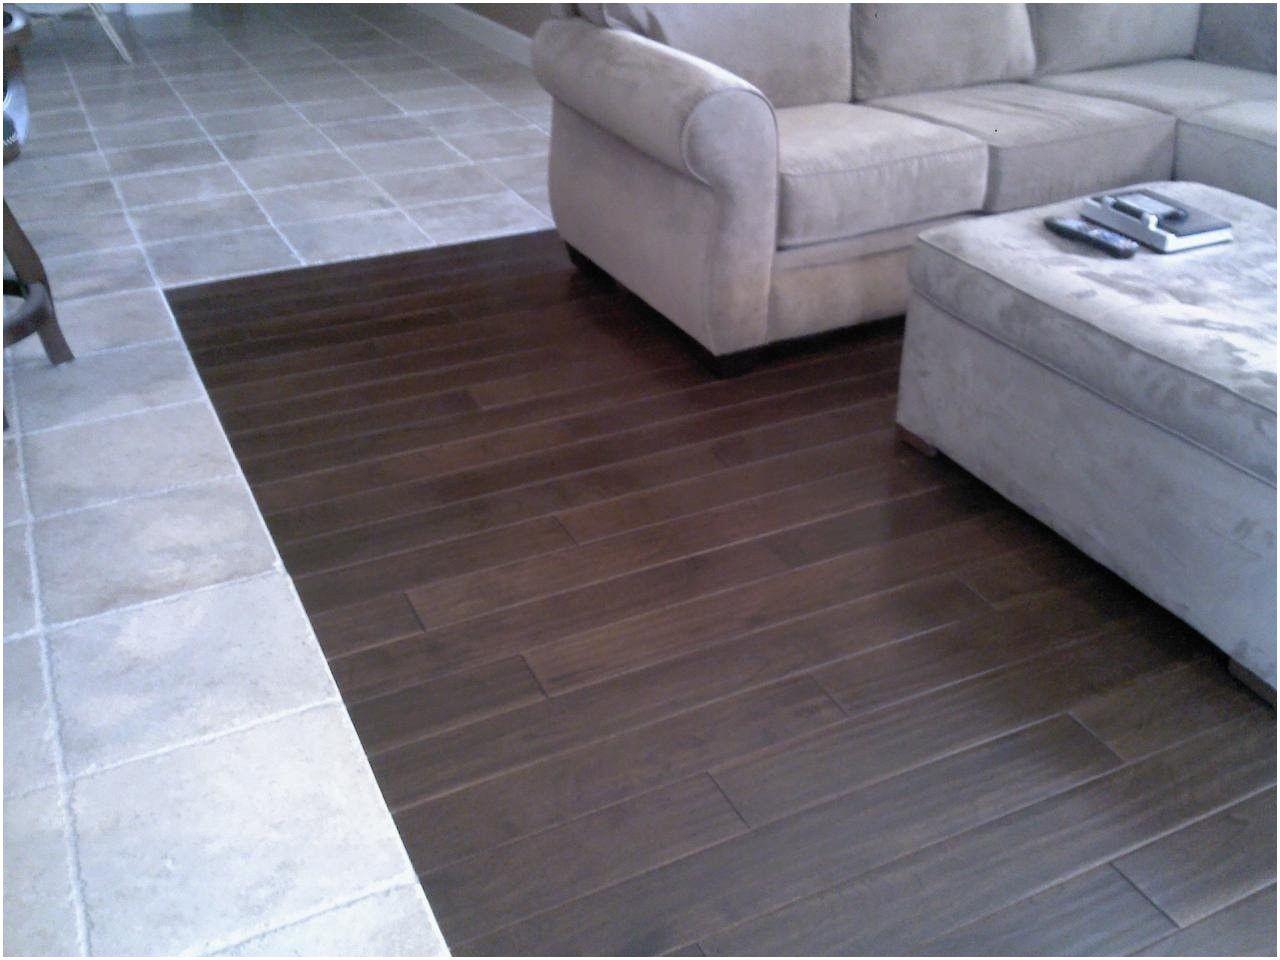 26 Perfect Hardwood Tile Flooring 2021 free download hardwood tile flooring of wood effect floor tiles wood effect porcelain tiles in wood effect floor tiles wood floor tiles wood floor tiles cientouno